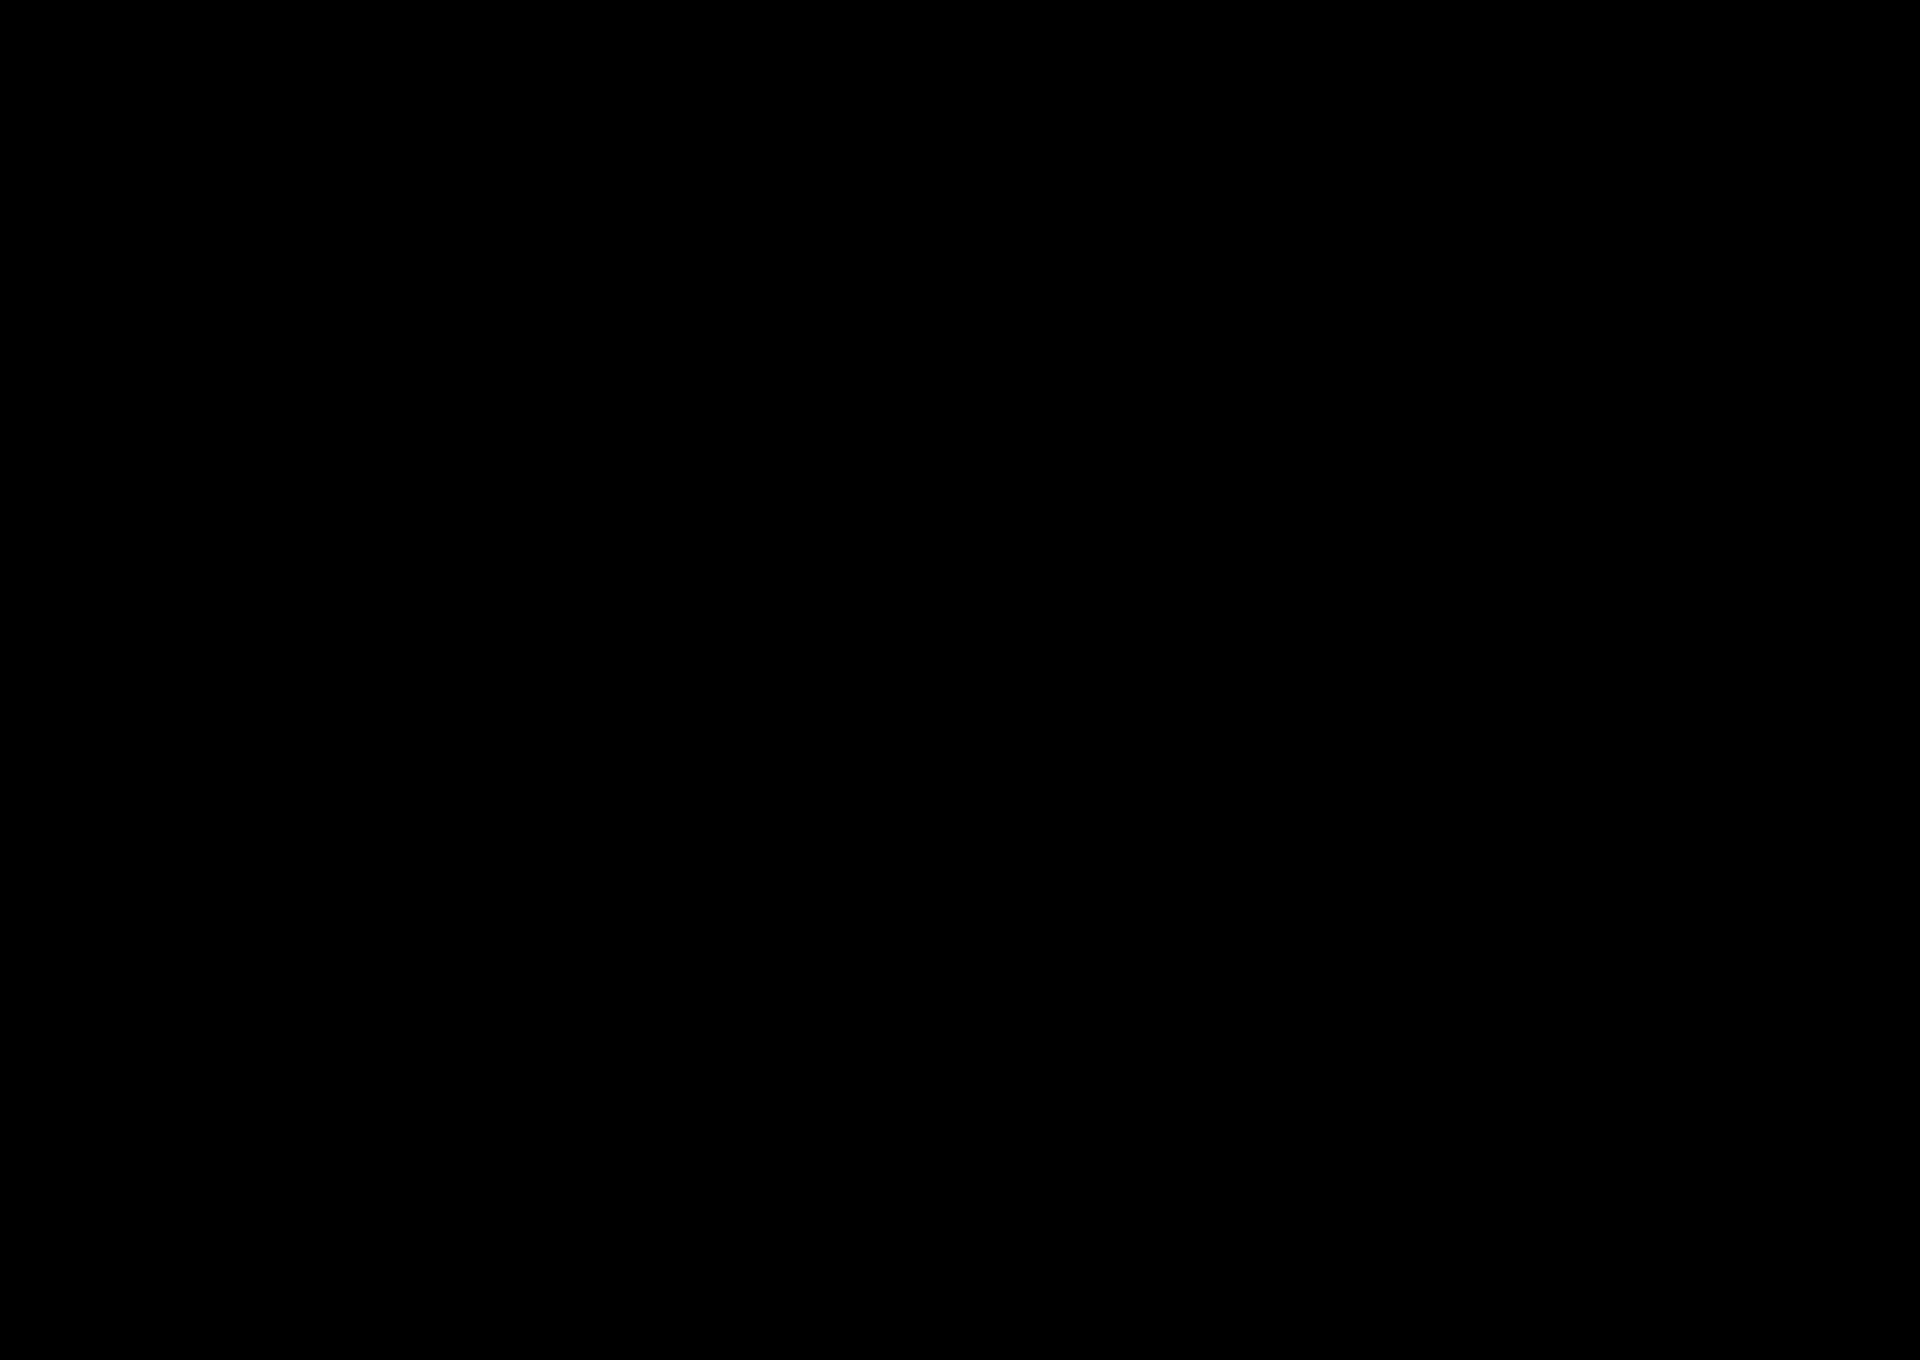 埼玉県の志木・新座・朝霞・和光・さいたま市で建設業許可取得したいなら 行政書士浜田佳孝事務所へ